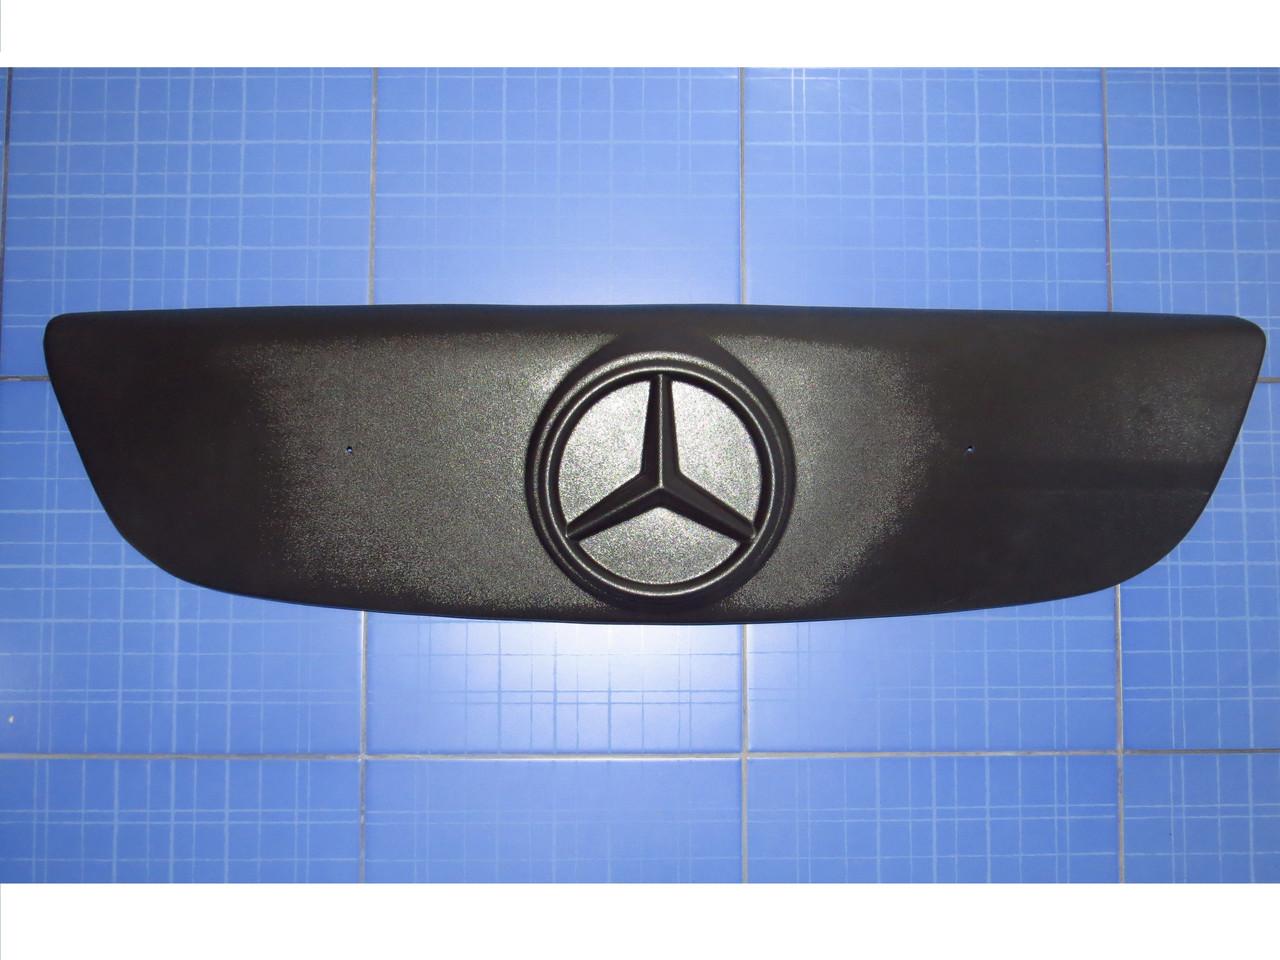 Зимняя заглушка решётки радиатора  Мерседес Спринтер верх с 2006 матовая Fly. Утеплитель решётки Mercedes